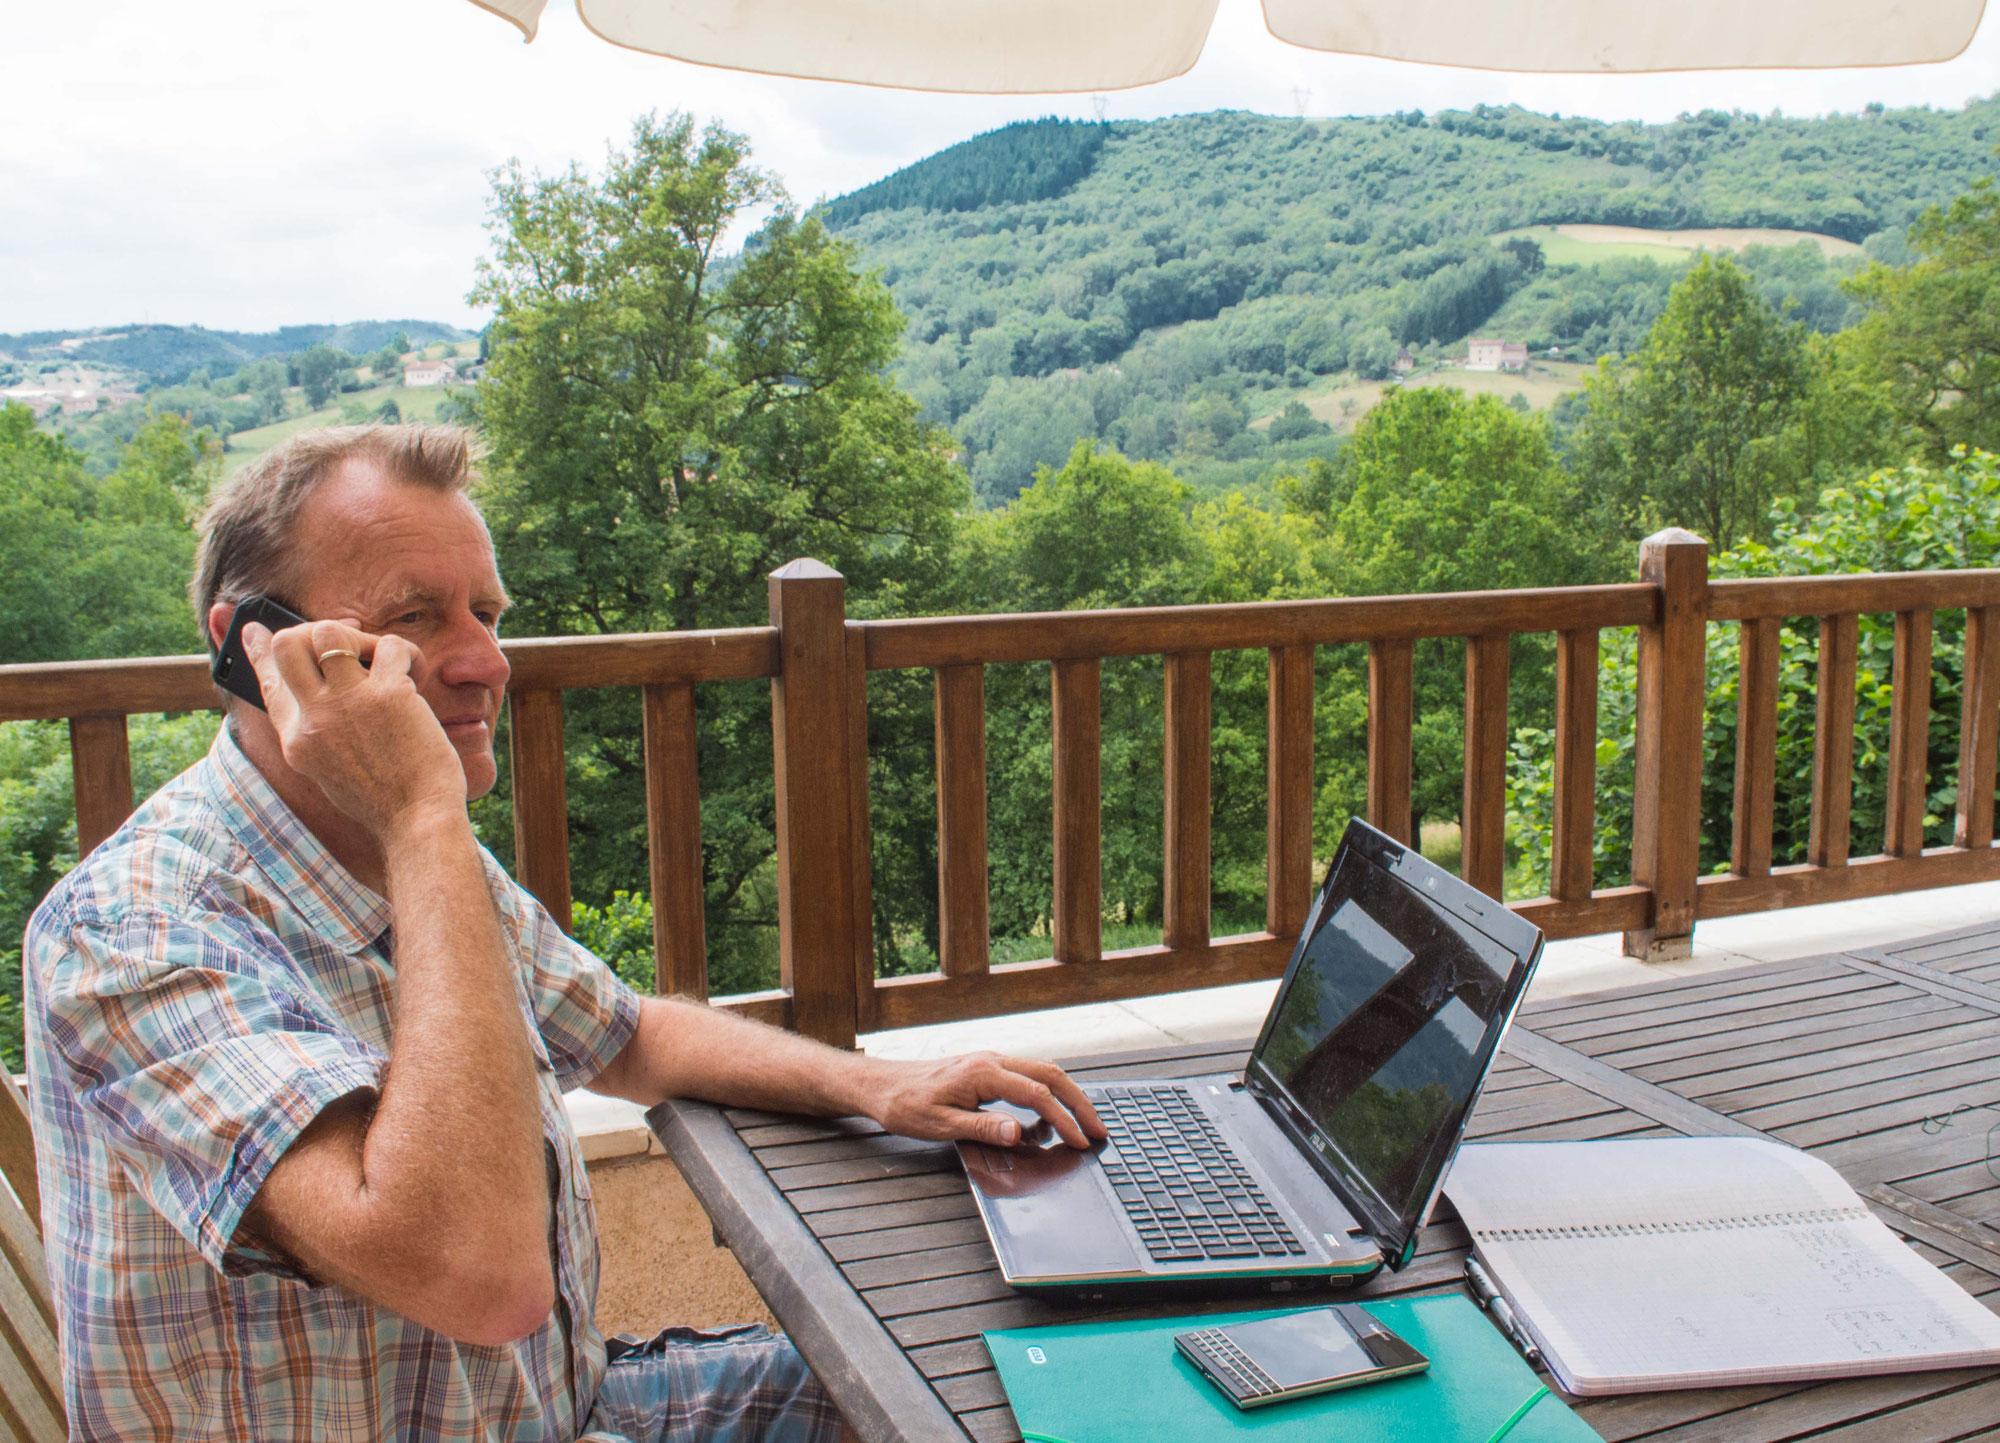 Hoe koop je een huis of bedrijf in frankrijk een huis camping of